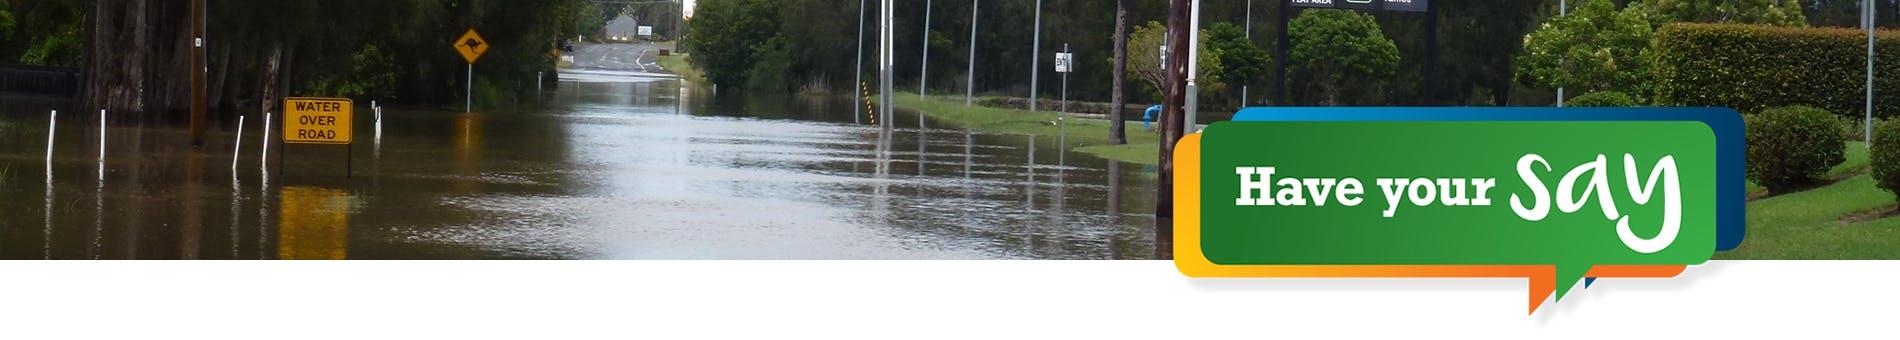 Hbbard Floodway